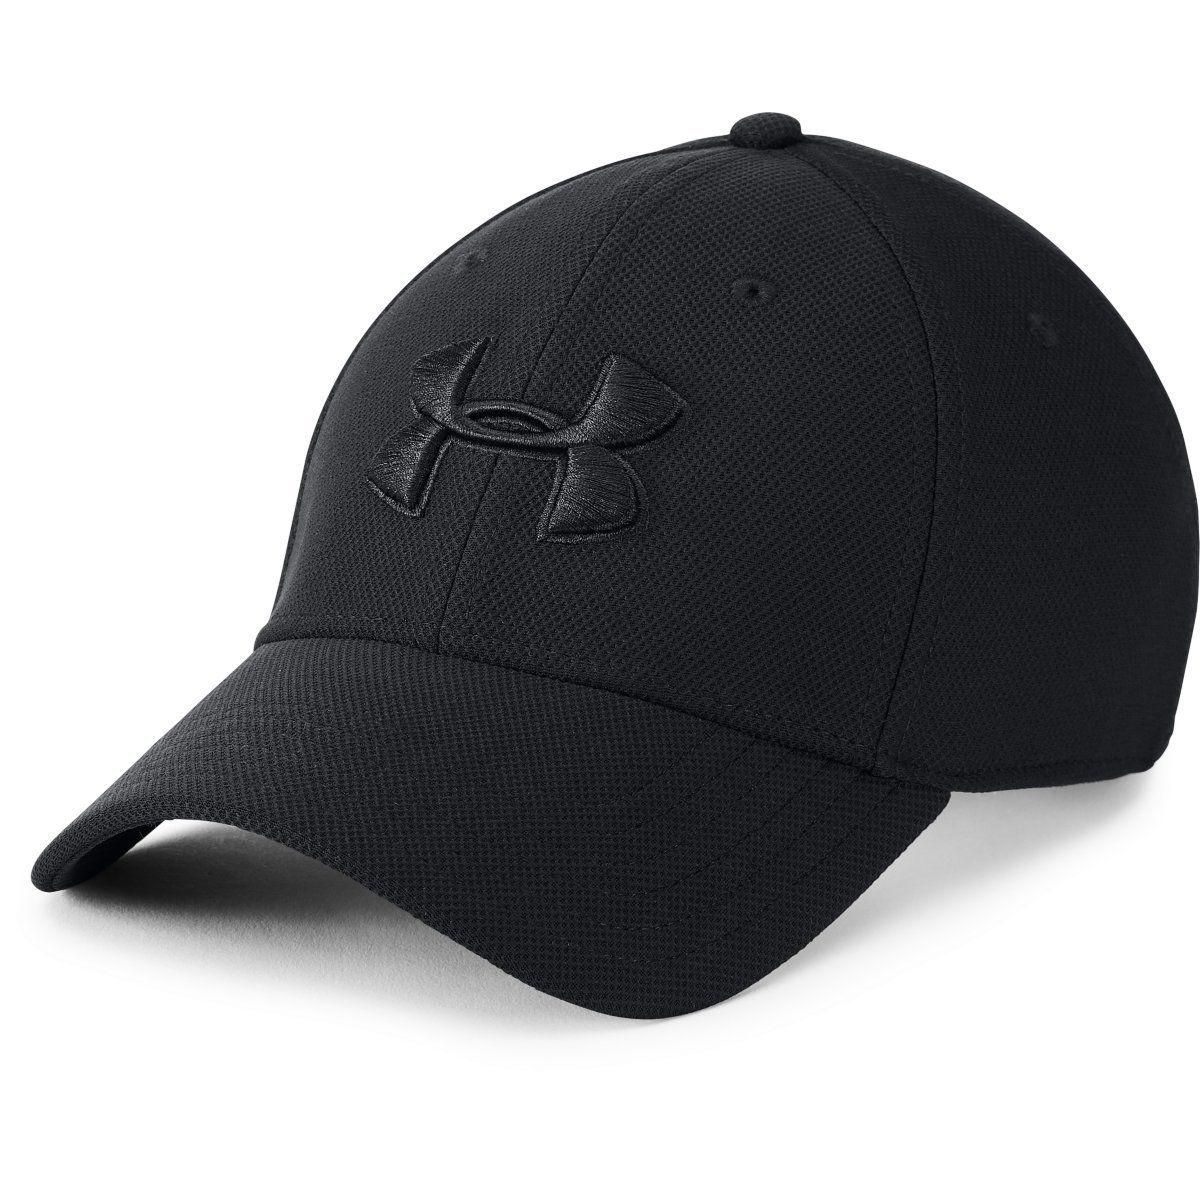 Under Armour Men S Ua Blitzing 3 0 Cap Hats For Men Mens Hats Fashion Mens Hats For Sale